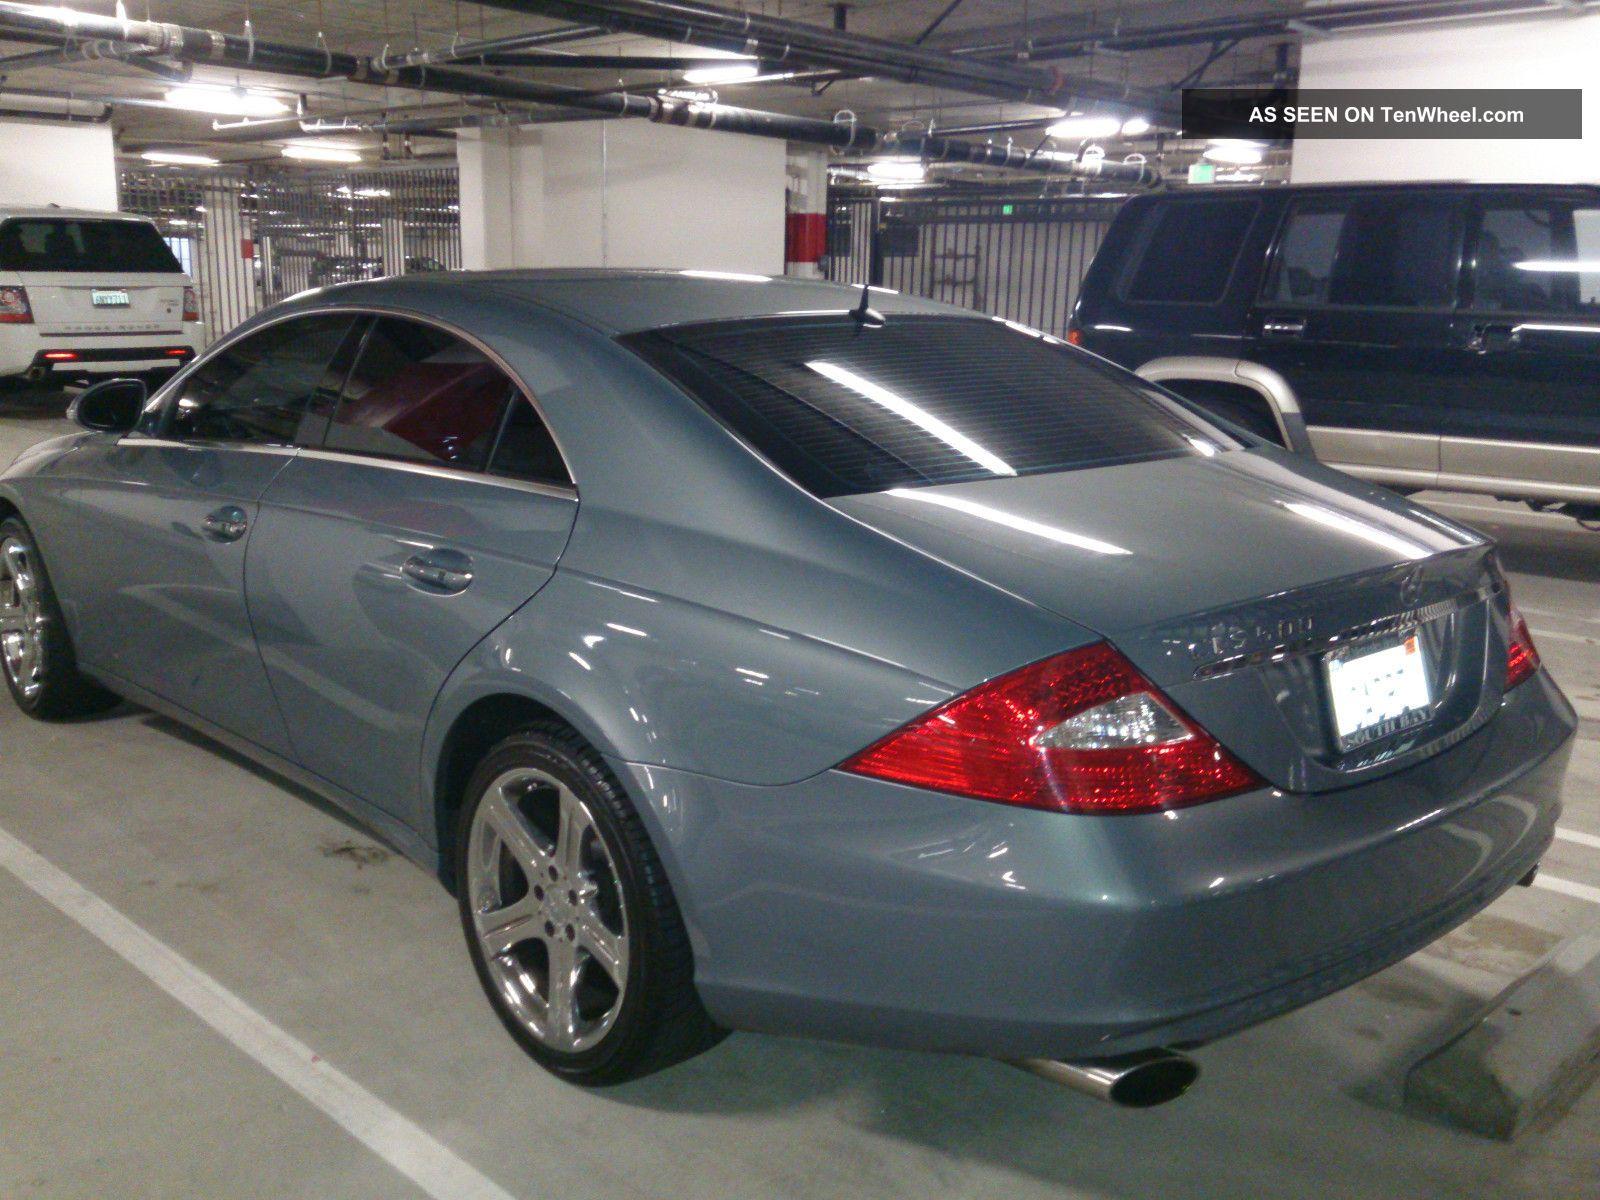 2006 mercedes benz cls500 sedan 4 door v8 5 0l chrome for 2006 mercedes benz cls